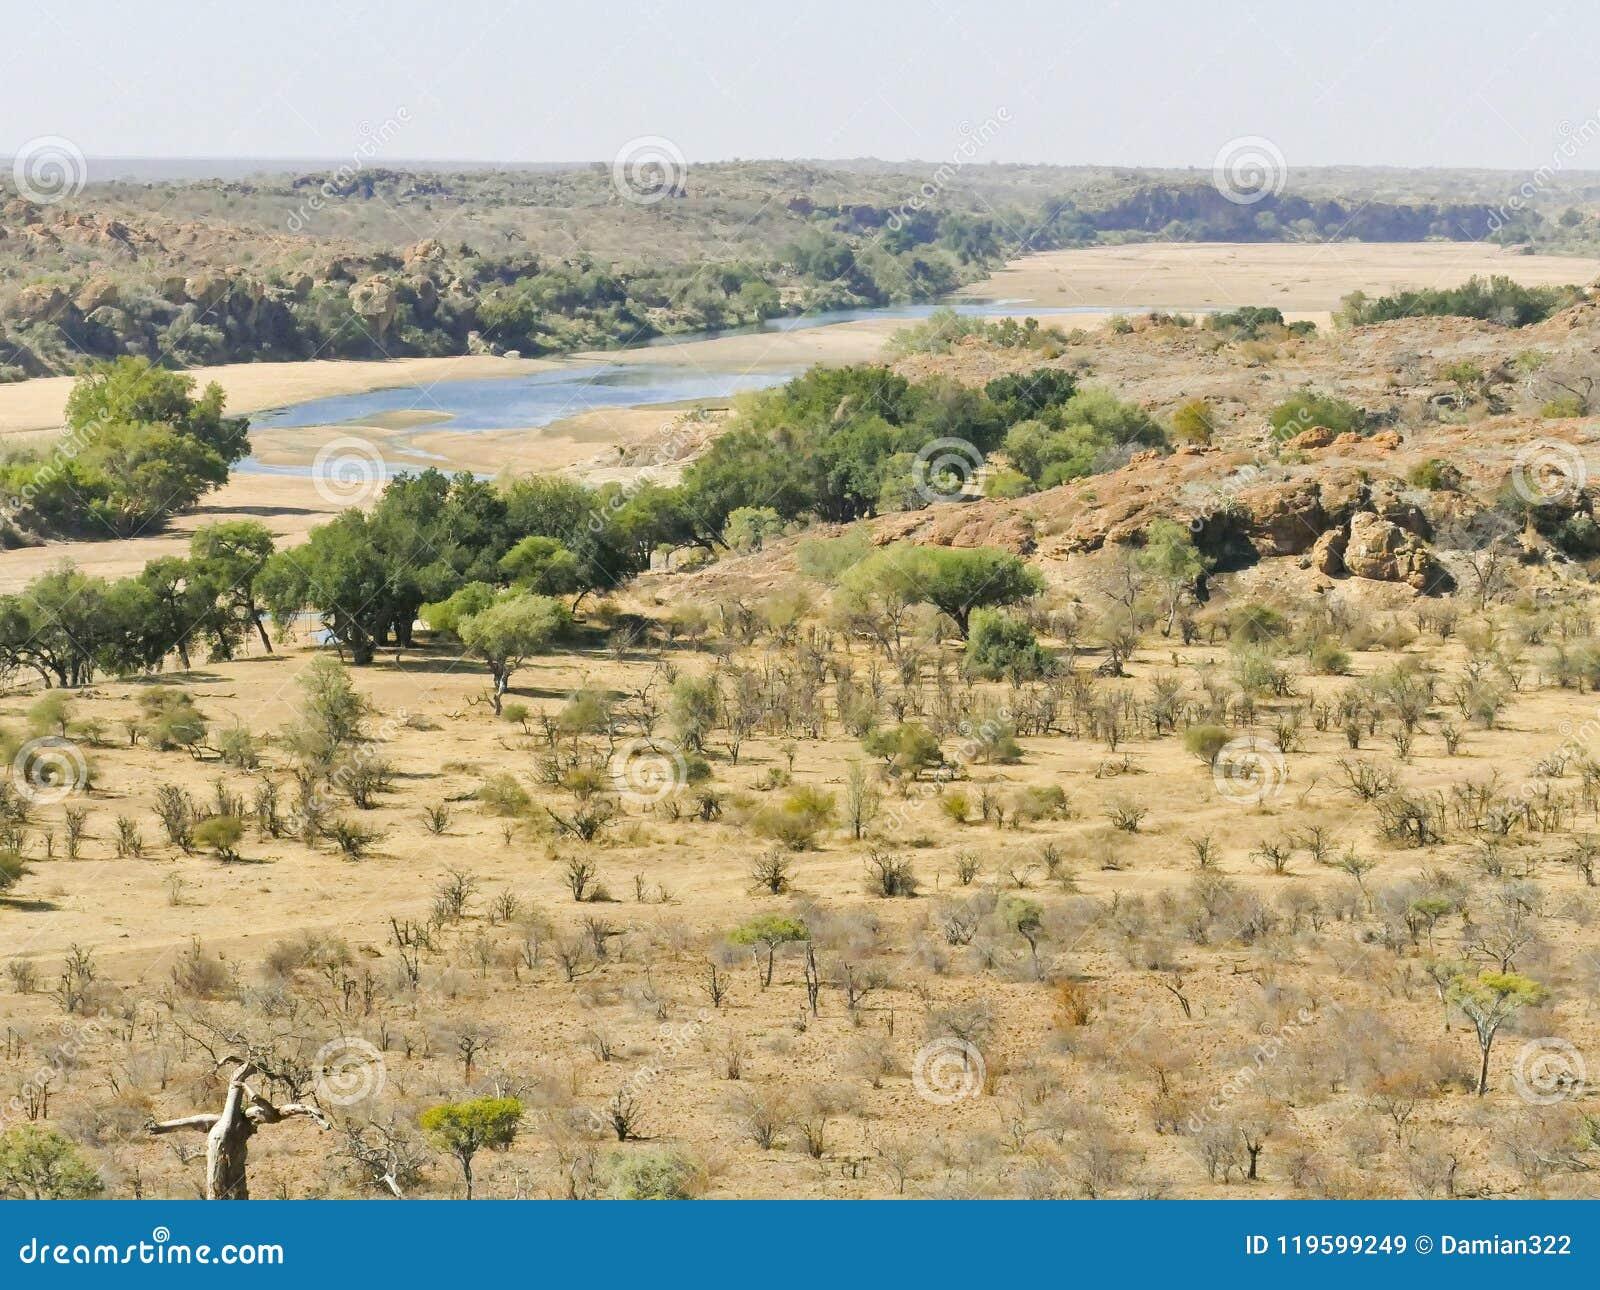 林波波河河流桥渡Mapungubwe国家沙漠风景